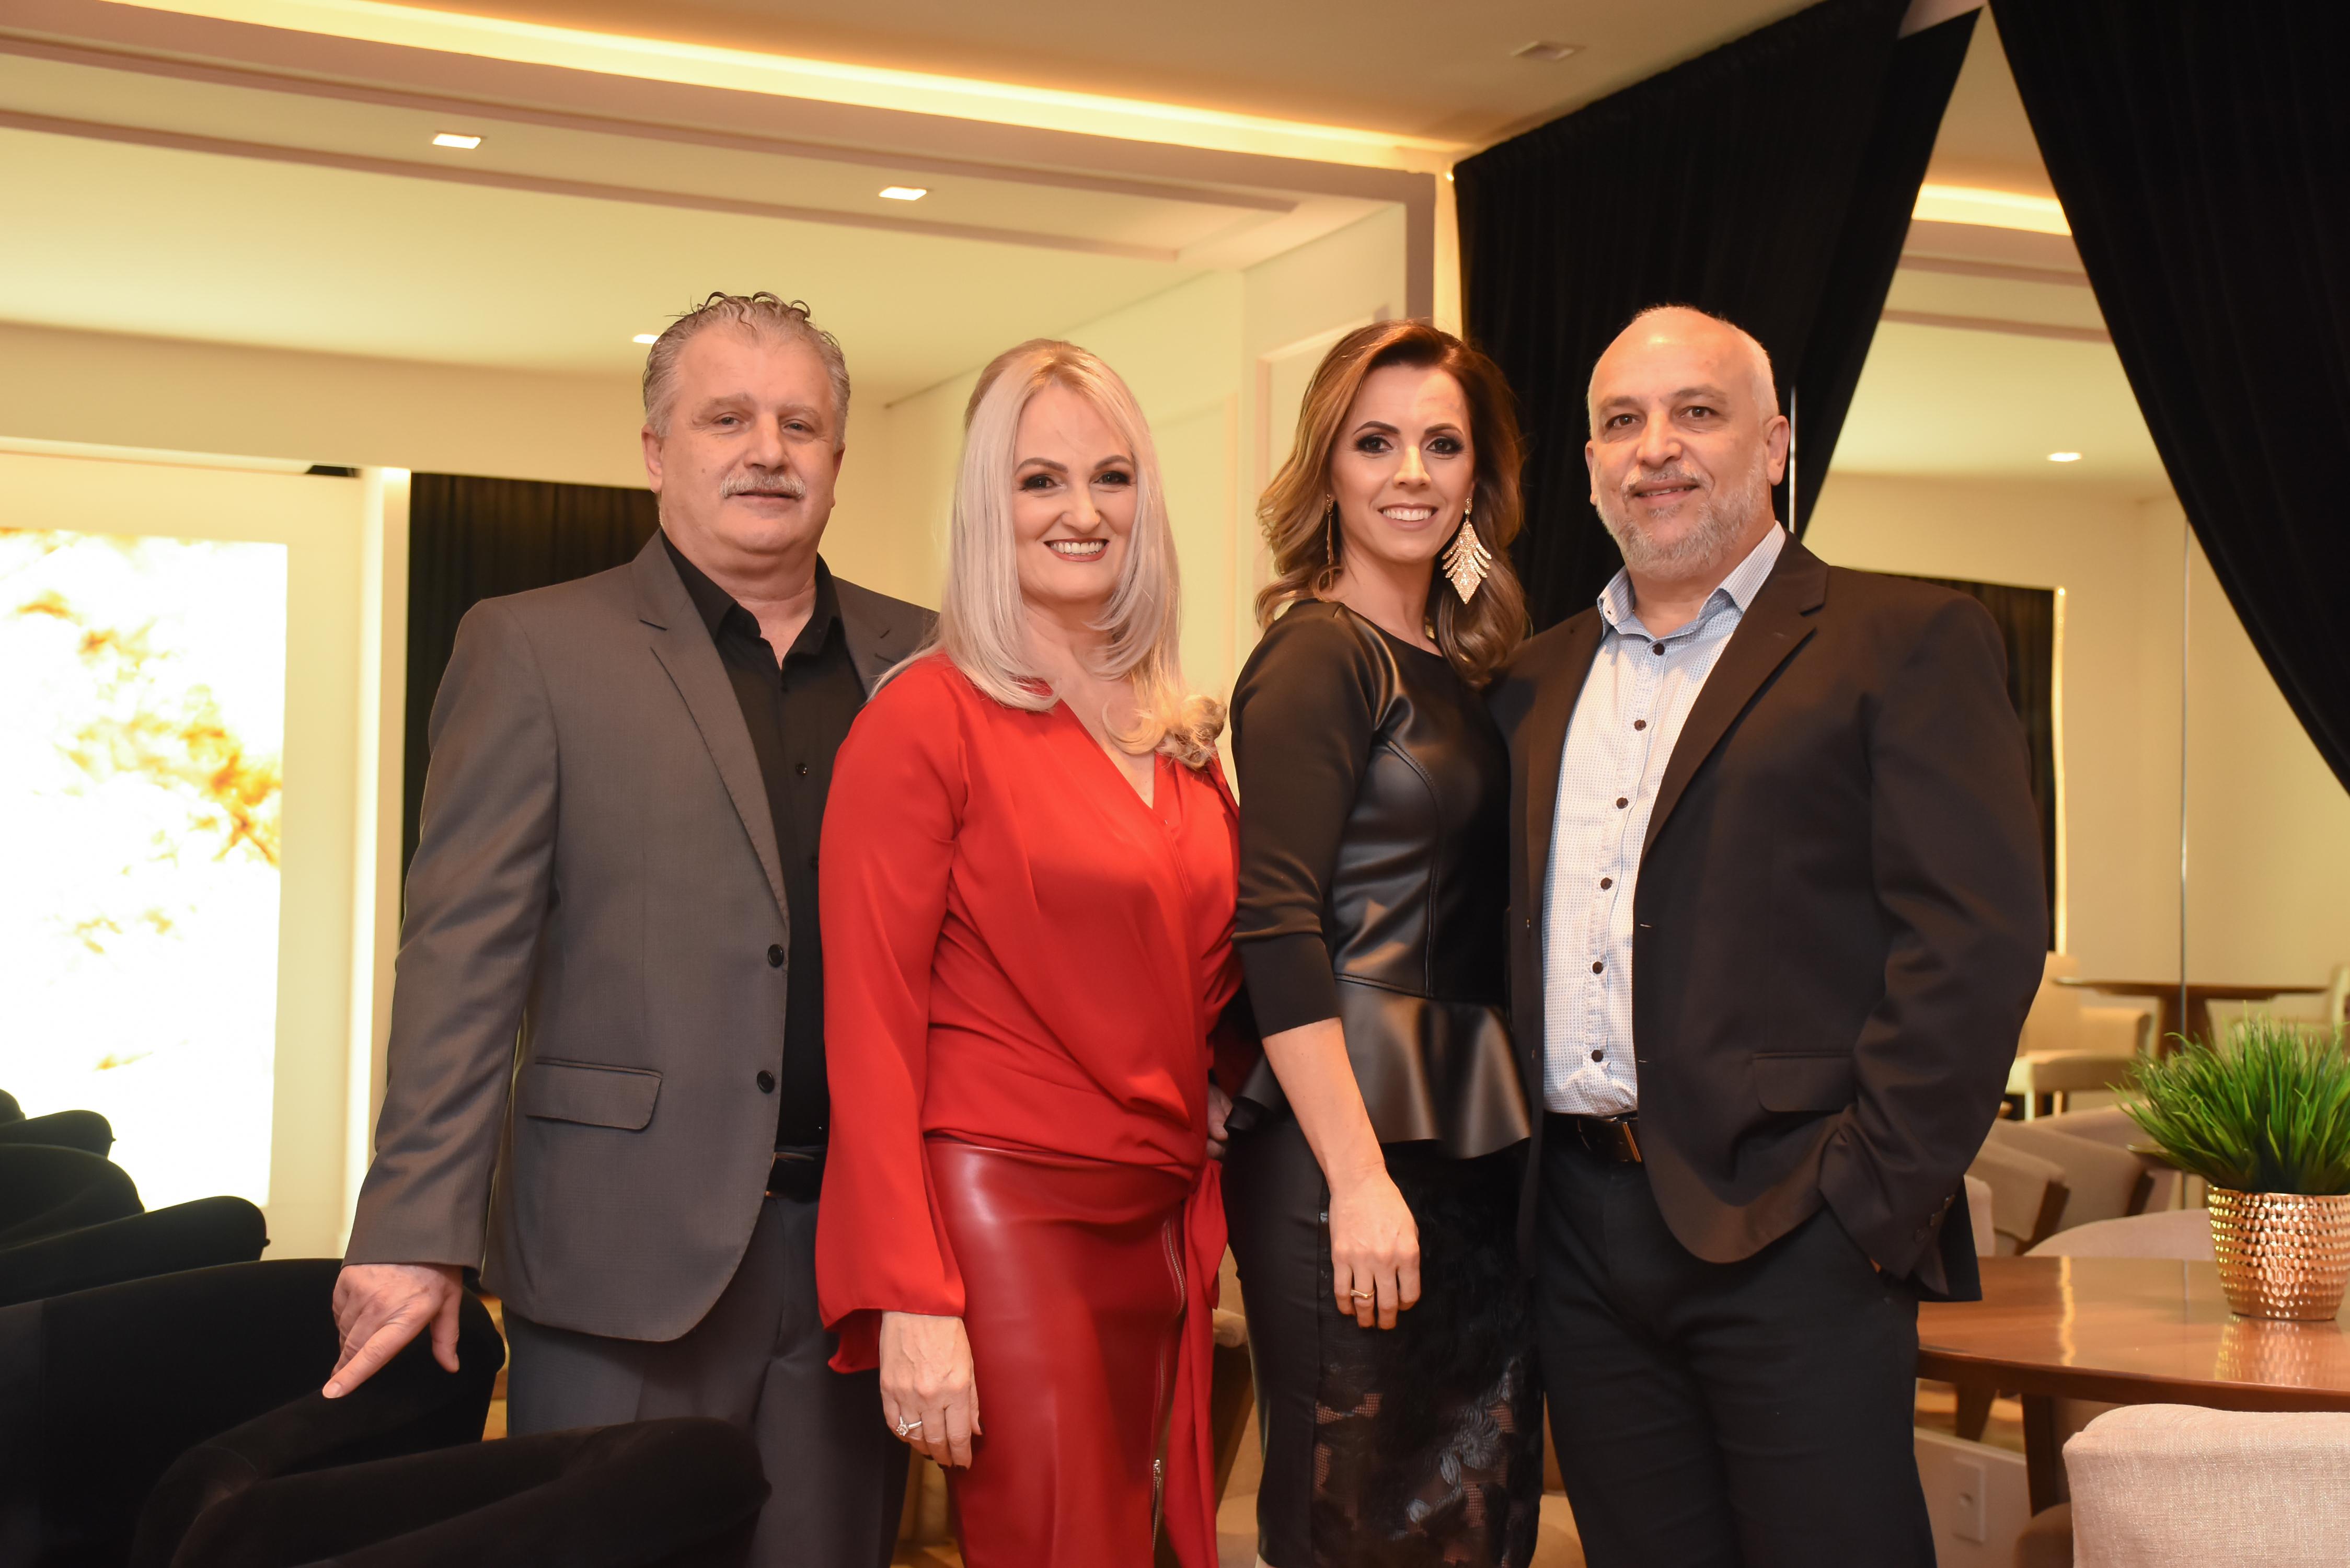 Casal Presidente Luis e Katiamara Badalotti com Magda e Luis Carlos Zago